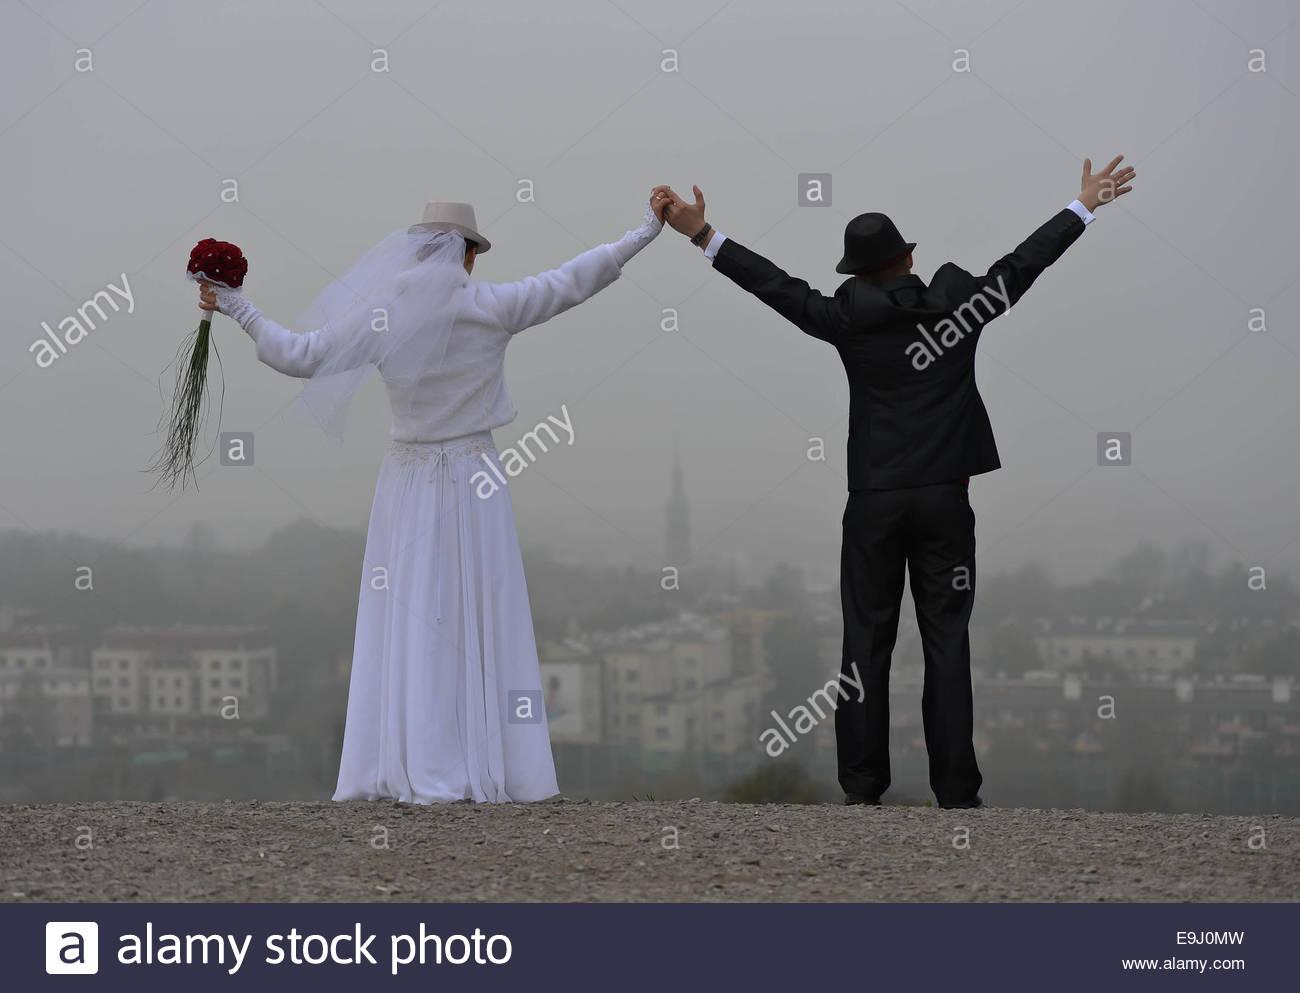 Cracovia, Polonia. El 28 de octubre de 2014. Un nuevo casado coiuple toma fotos con una vista general de la niebla Imagen De Stock